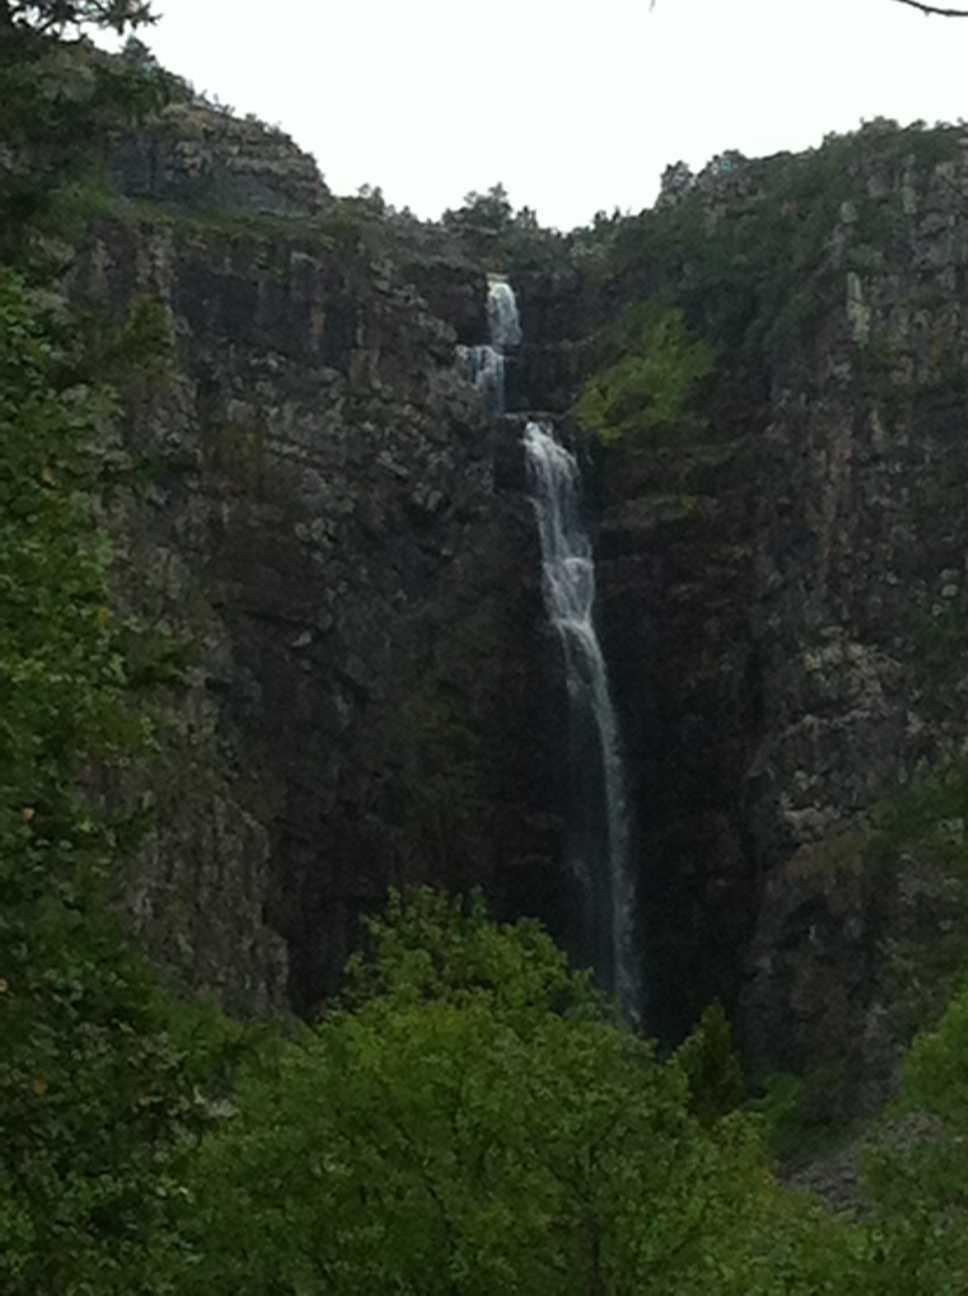 Sveriges högsta vattenfall, Njupeskär